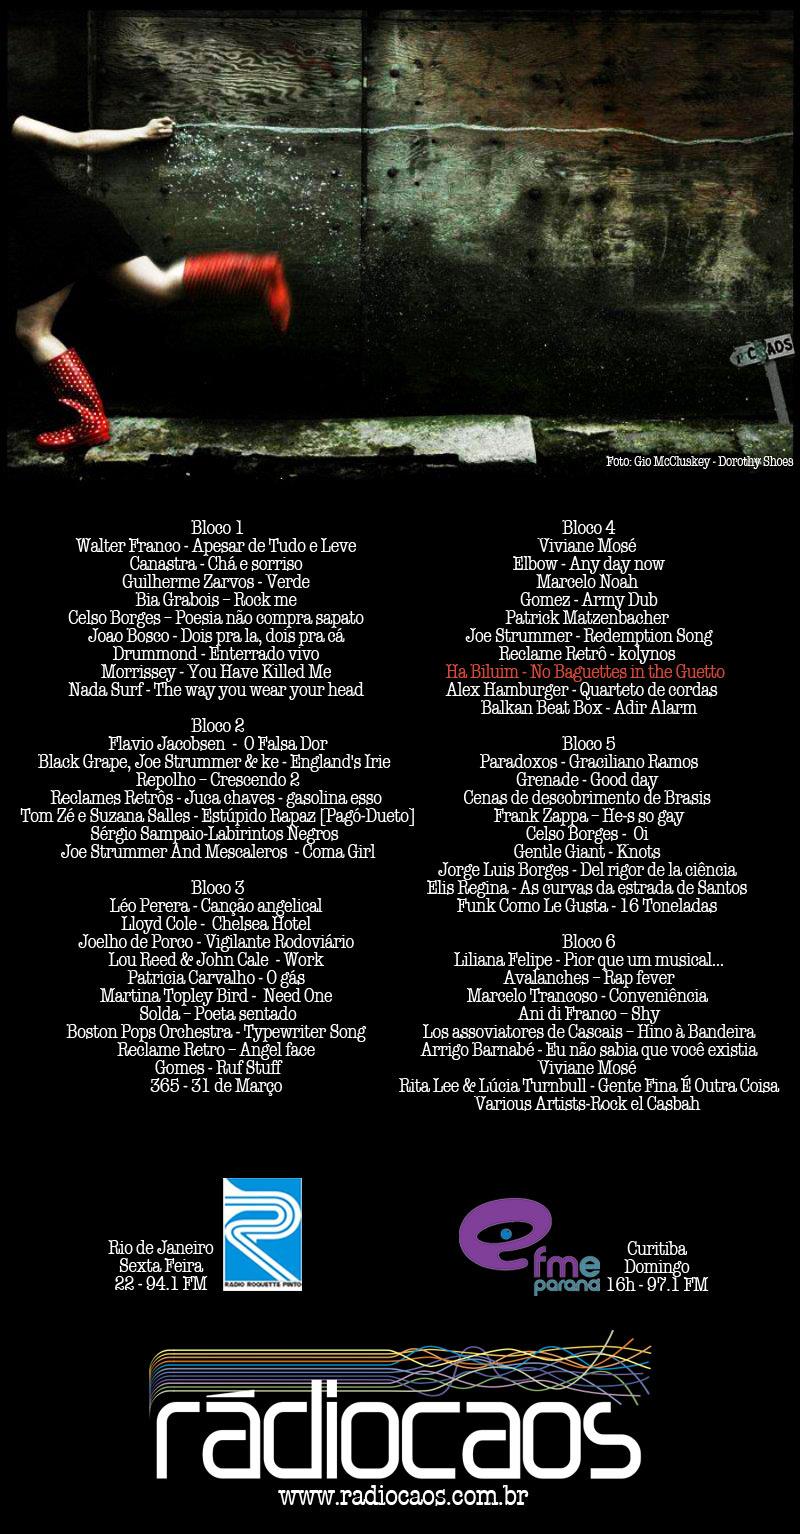 mailcaos-27-01-2012